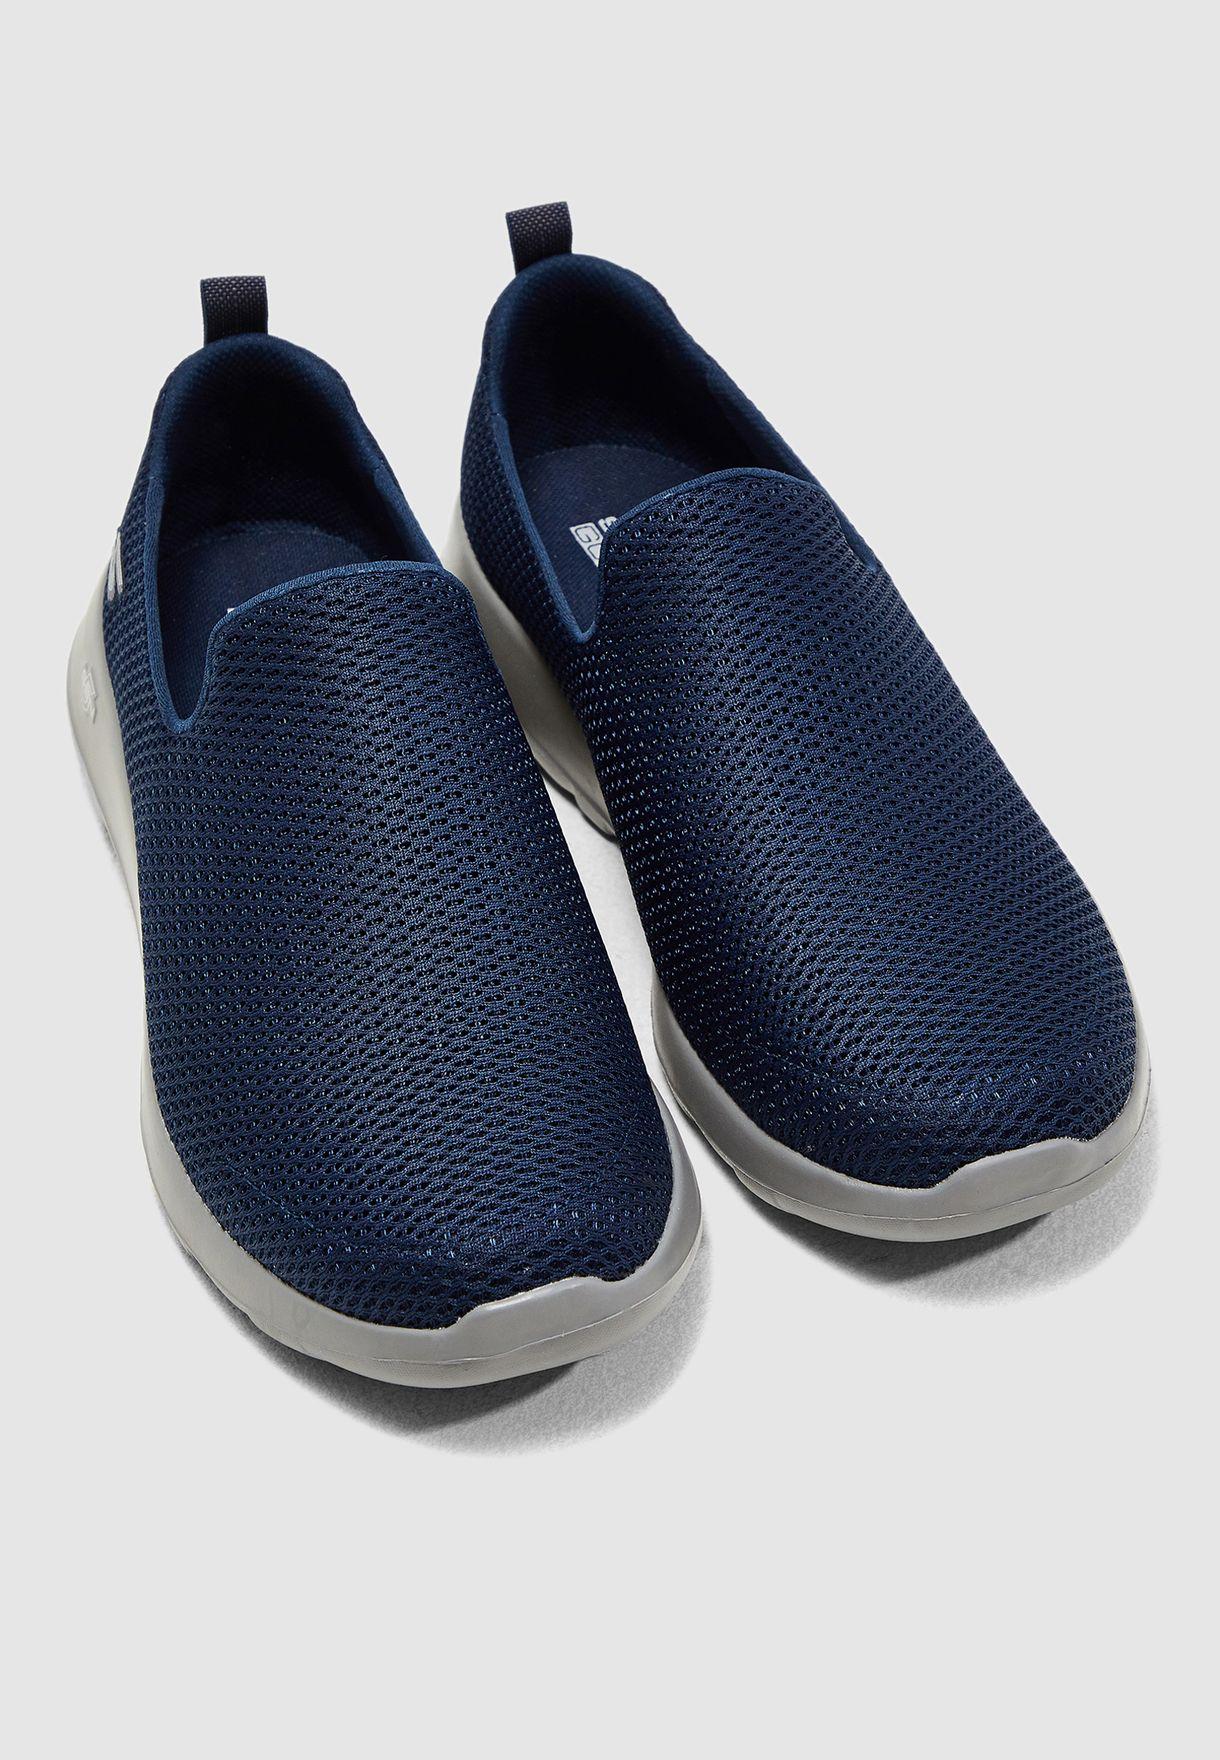 Buy Skechers navy Go Walk Max for Men